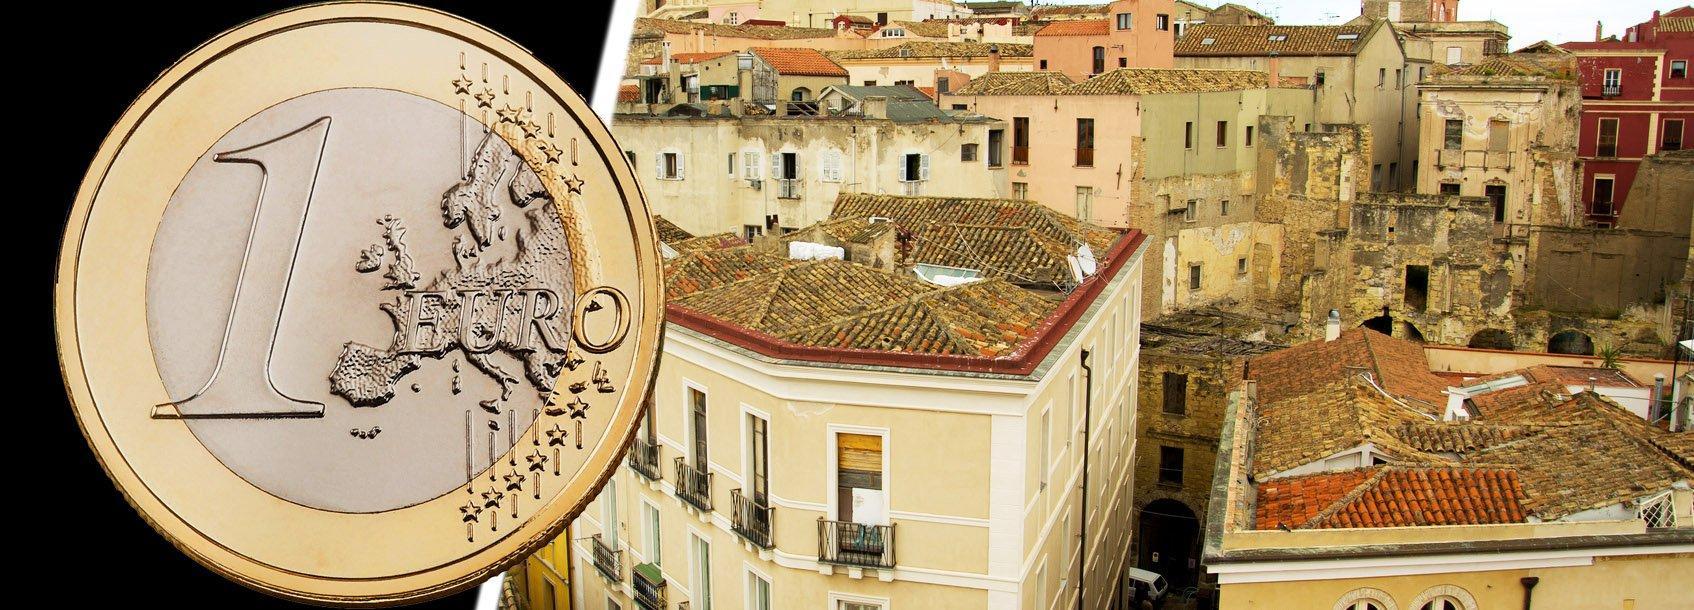 Centri storici ecco dove comprare casa a 1 euro e for Piani di casa storici